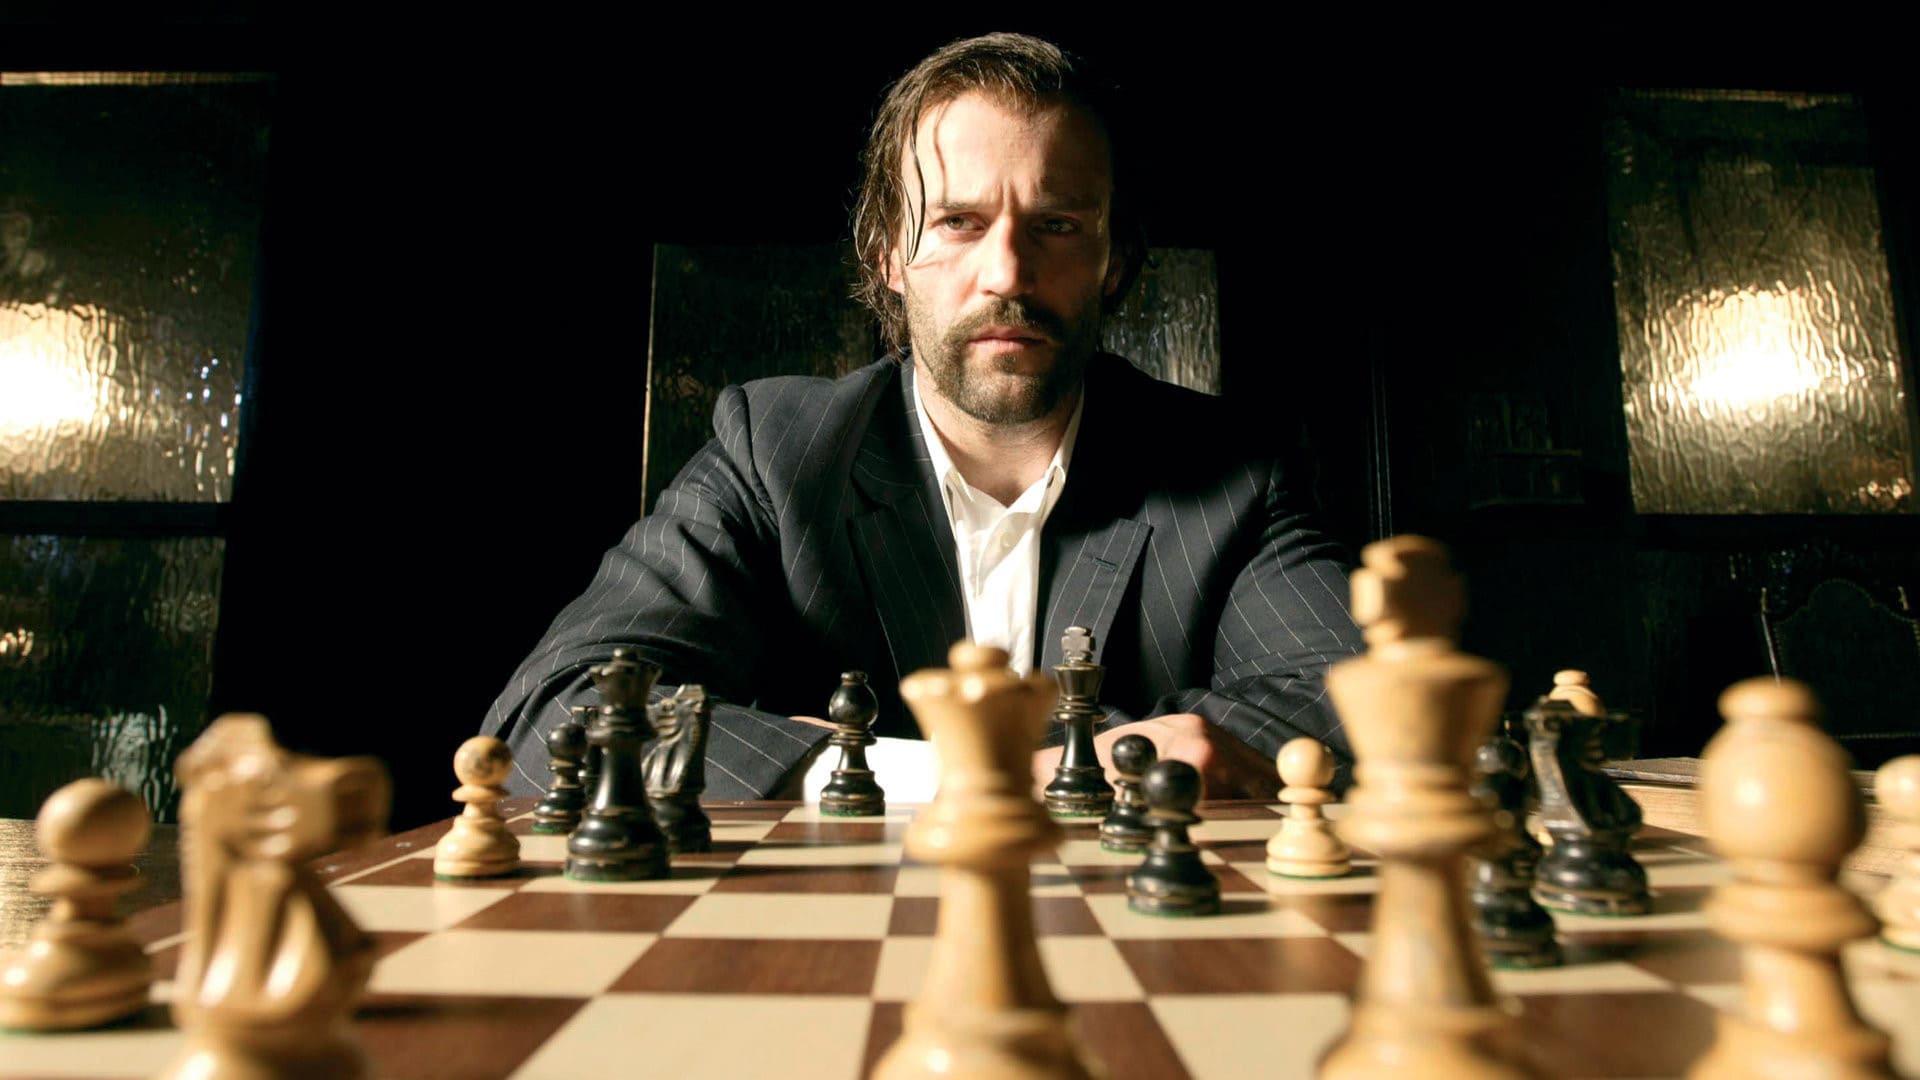 Jake (Jason Statham) - Revolver